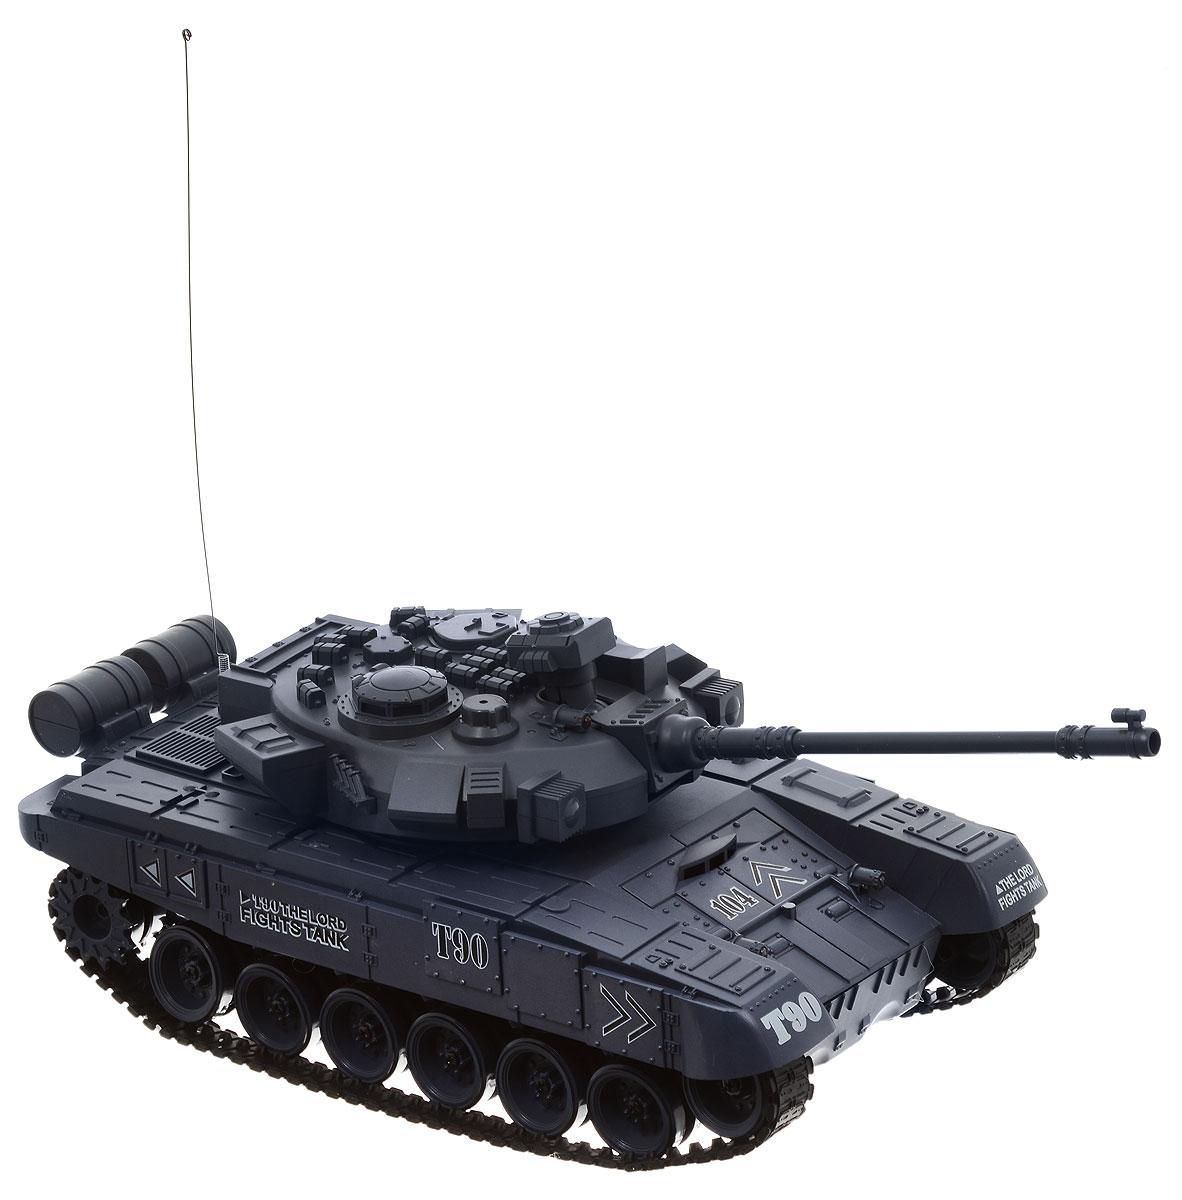 Pilotage Танк на радиоуправлении Russia T90RC18392Модель российского танка T90 в масштабе 1/18 с пневматической пушкой выполнена с высочайшей степенью детализации. В этой модели скрупулезно сымитированы все детали, начиная от структуры литья брони и заканчивая отличительными знаками. Модель способна повторять все движения прототипа, вплоть до поворота башни на 320 градусов и изменения угла установки ствола главного орудия. Копия этого танка стреляет пластиковыми шариками типа ВВ (6 мм), выталкиваемыми сжатым воздухом на 12 метров с силой выстрела 0,02 Дж. При желании вы можете отключить функцию стрельбы шариками при помощи выключателя, который расположен под крышкой люка, и тогда во время выстрела будут работать только световые и звуковые эффекты. Танк имеет три скорости движения вперед: 8, 10 и 12 км/ч, а также функцию заднего хода. Имитация торсионной подвески поддерживающих катков позволяет модели преодолевать неровности ландшафта и взбираться на подъемы крутизной до 45 градусов. Эта модель создана для настоящих ценителей...